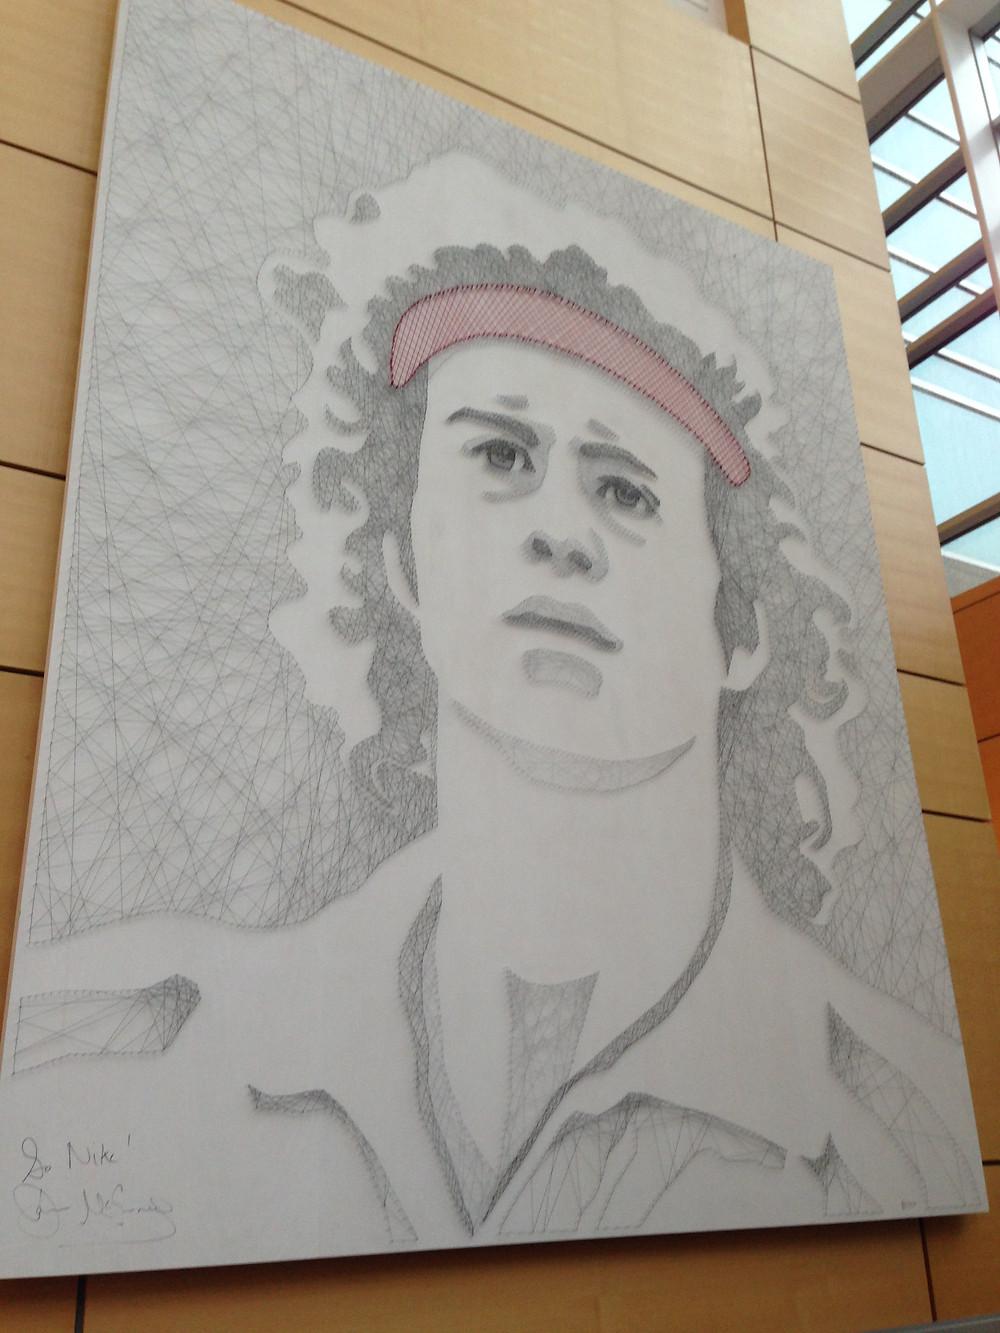 #corporatecampus #art #nikeheadquarters